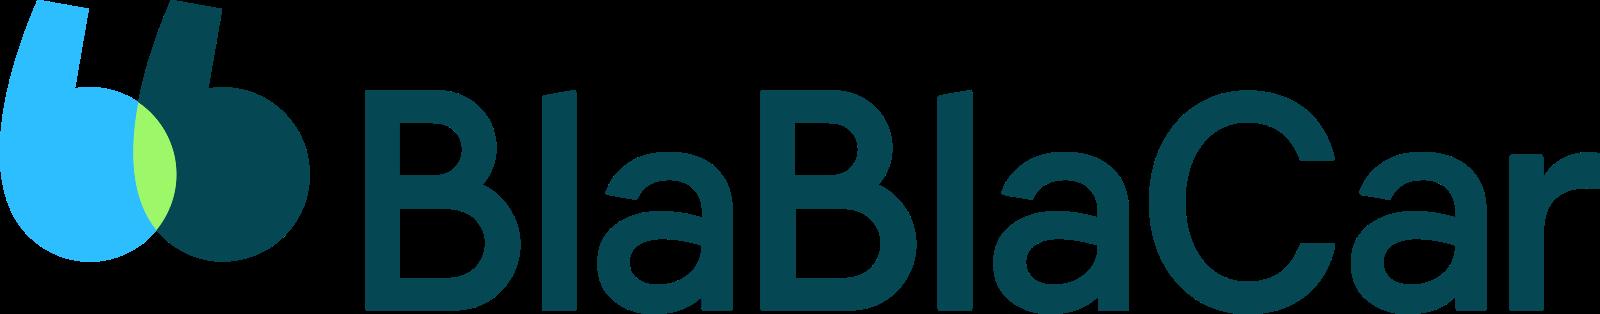 blablacar logo 4 1 - Bla Bla Car Logo